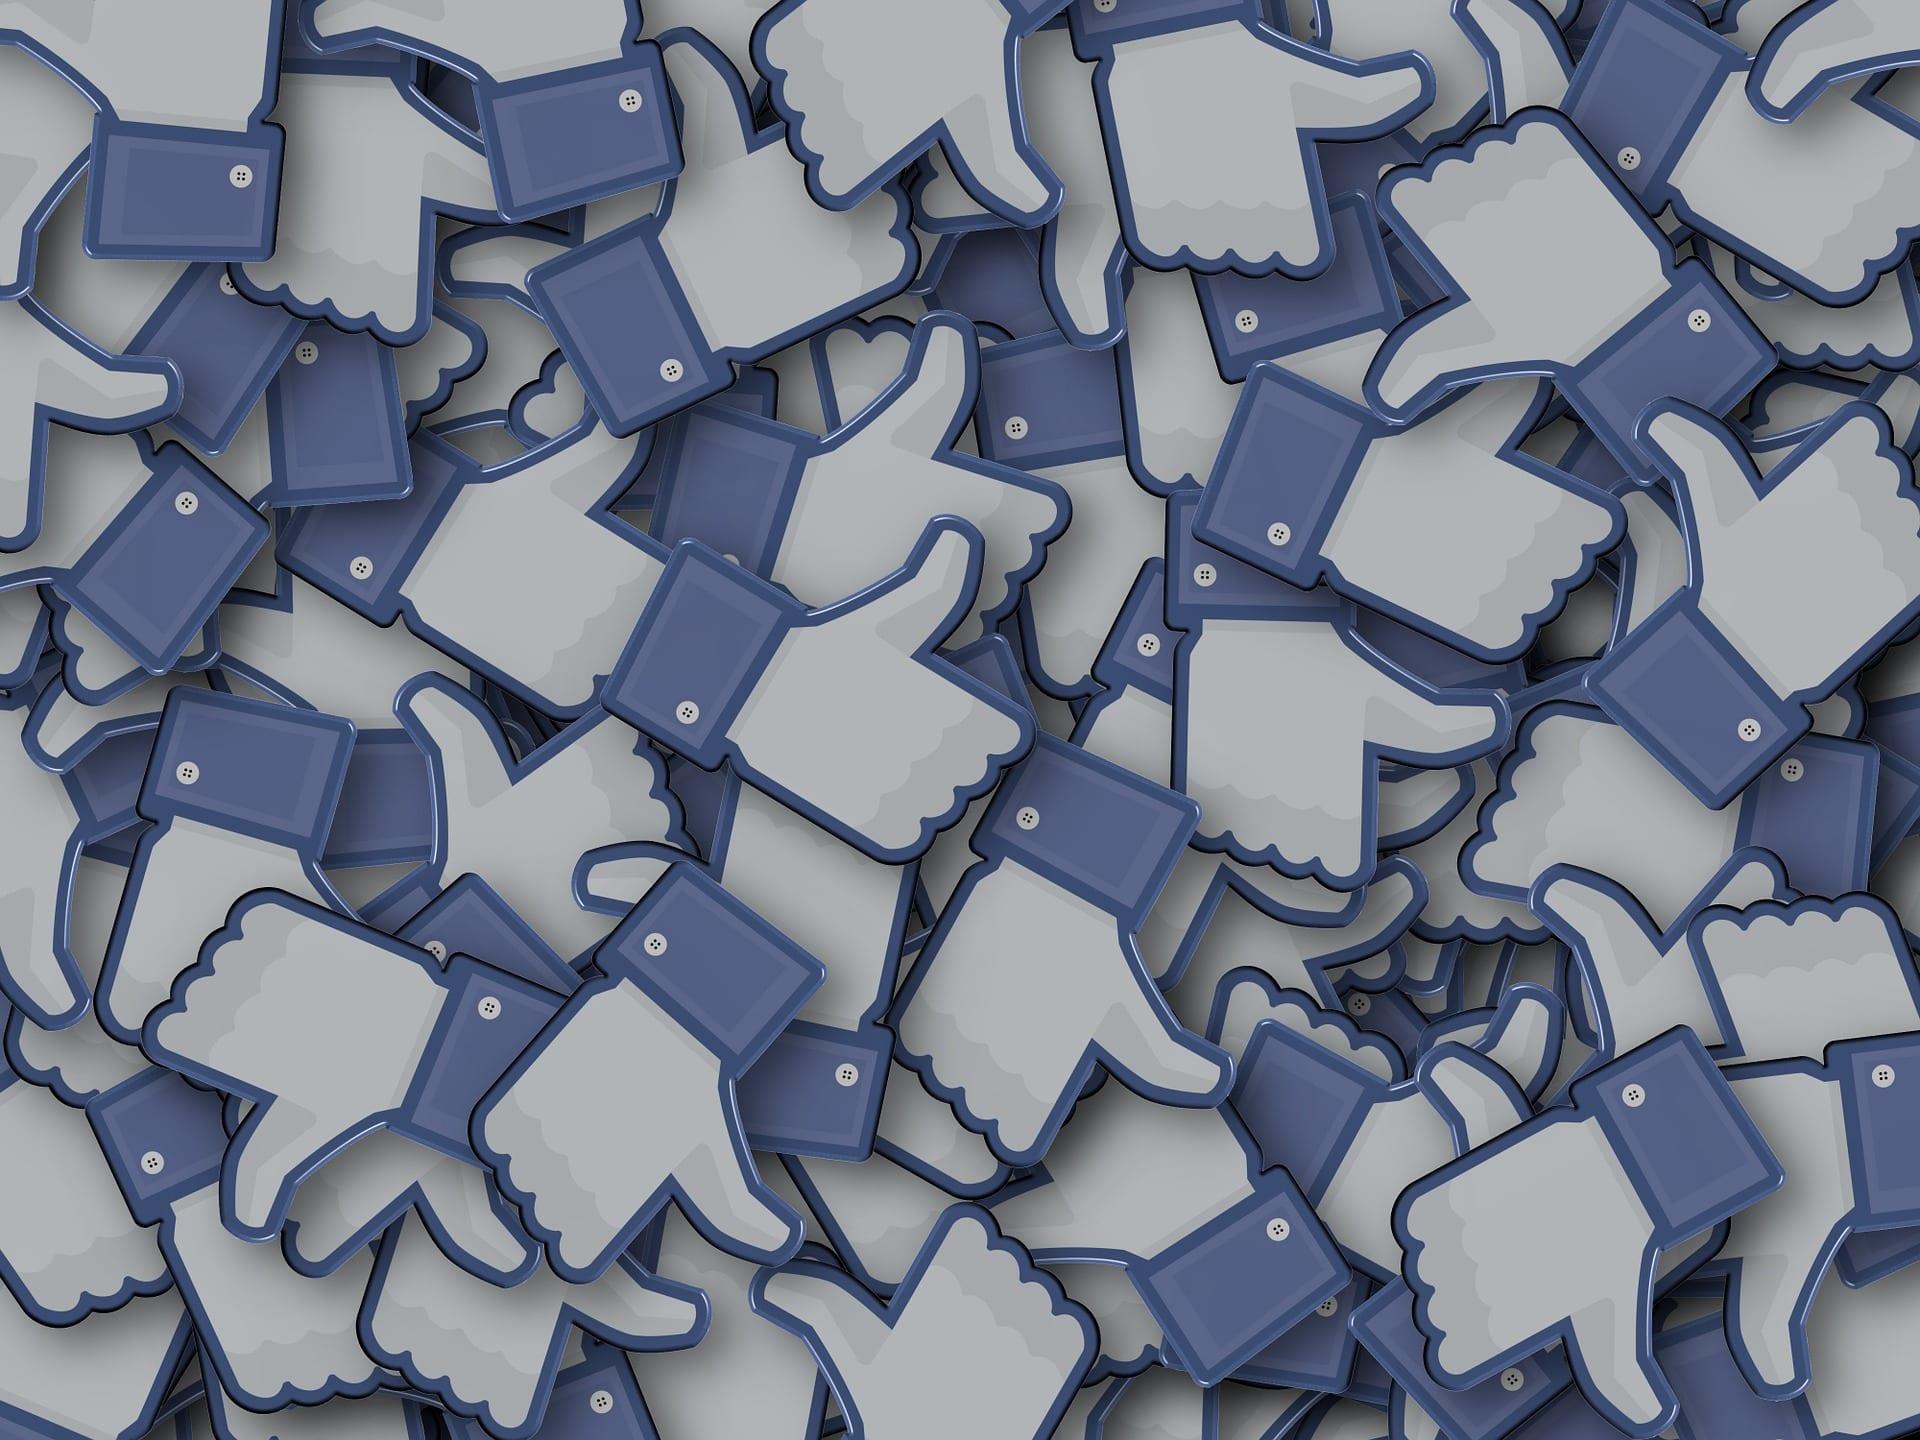 Zakaj ljudje zapuščajo Facebook in kaj to pomeni?